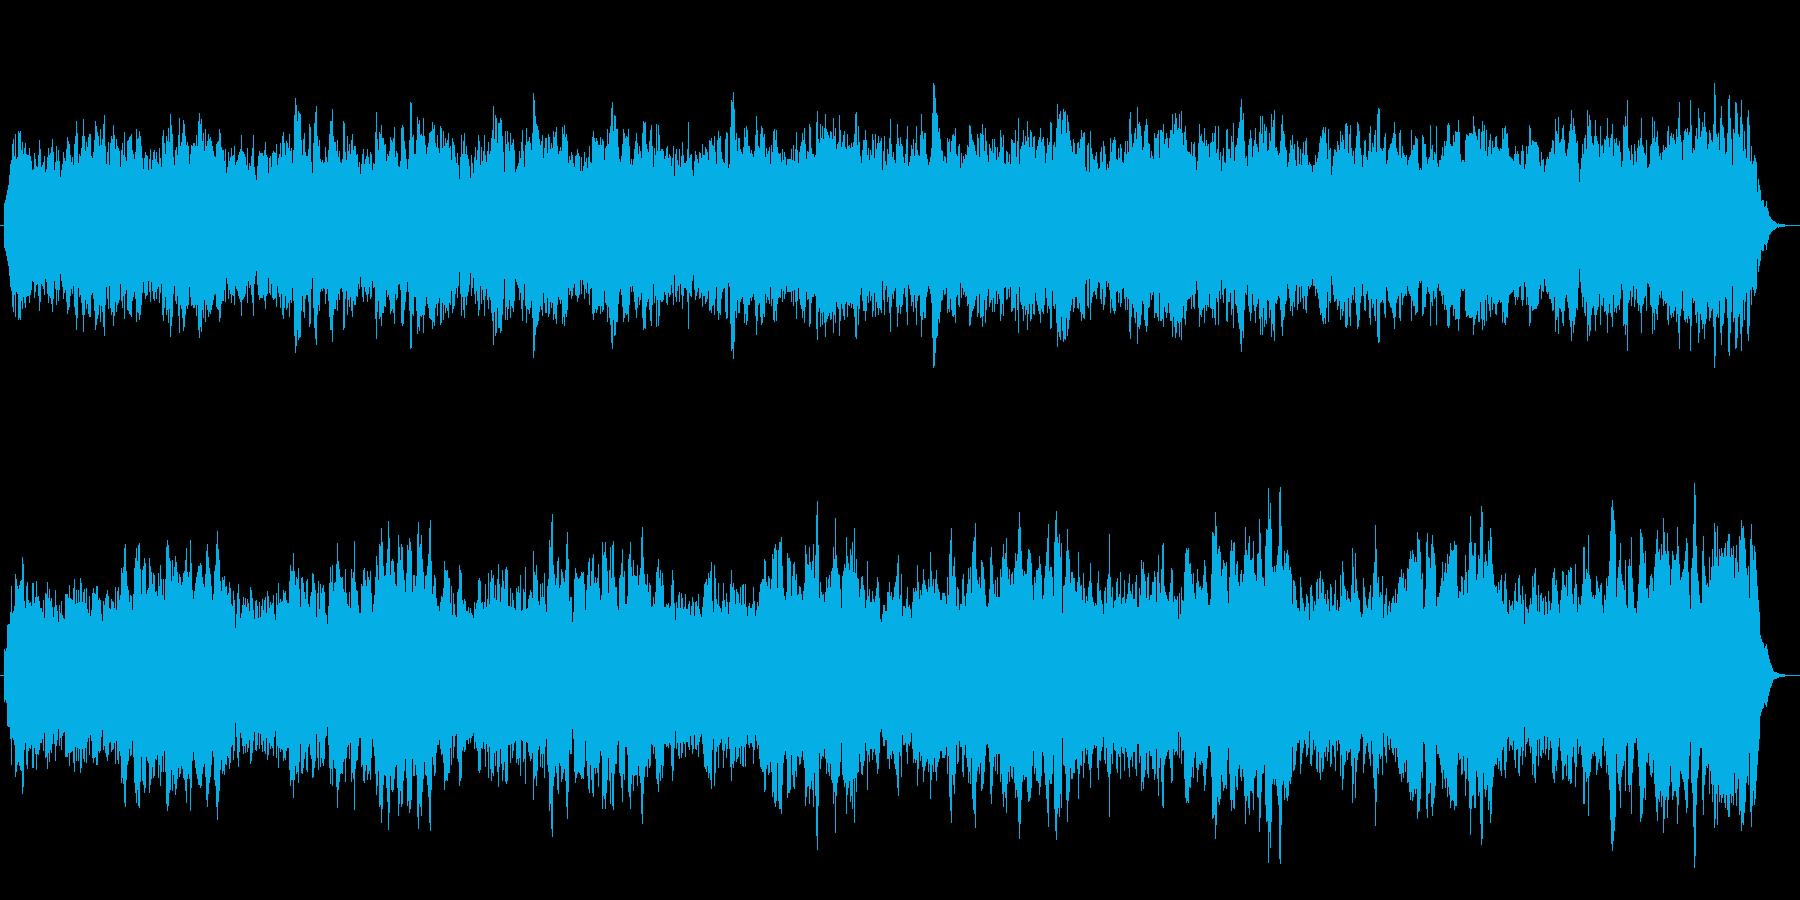 浮遊感あるシンセが美しい楽曲の再生済みの波形